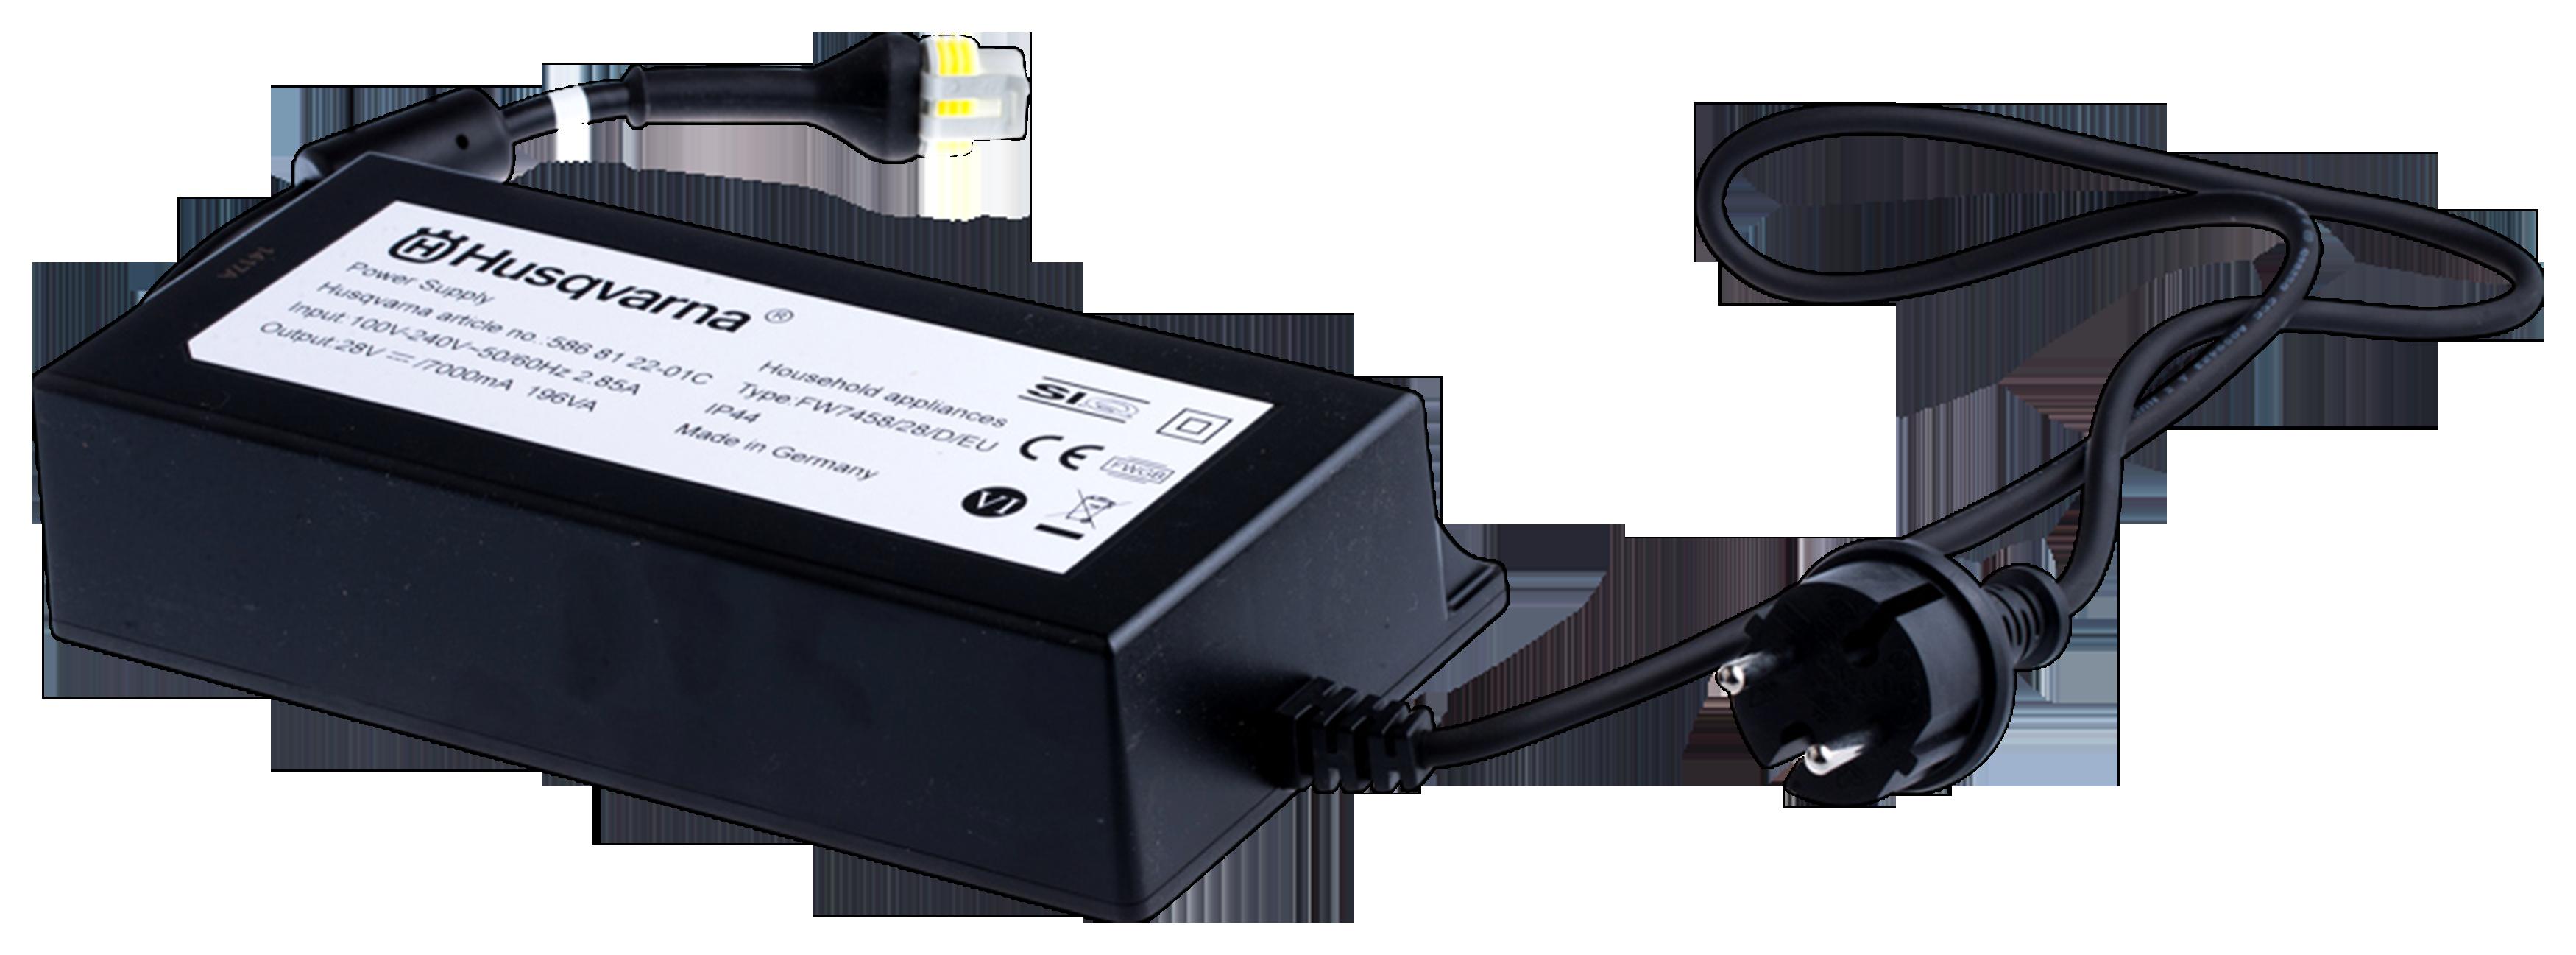 Köp transformator till Husqvarna Automower online hos oss! 38eec18ba6730